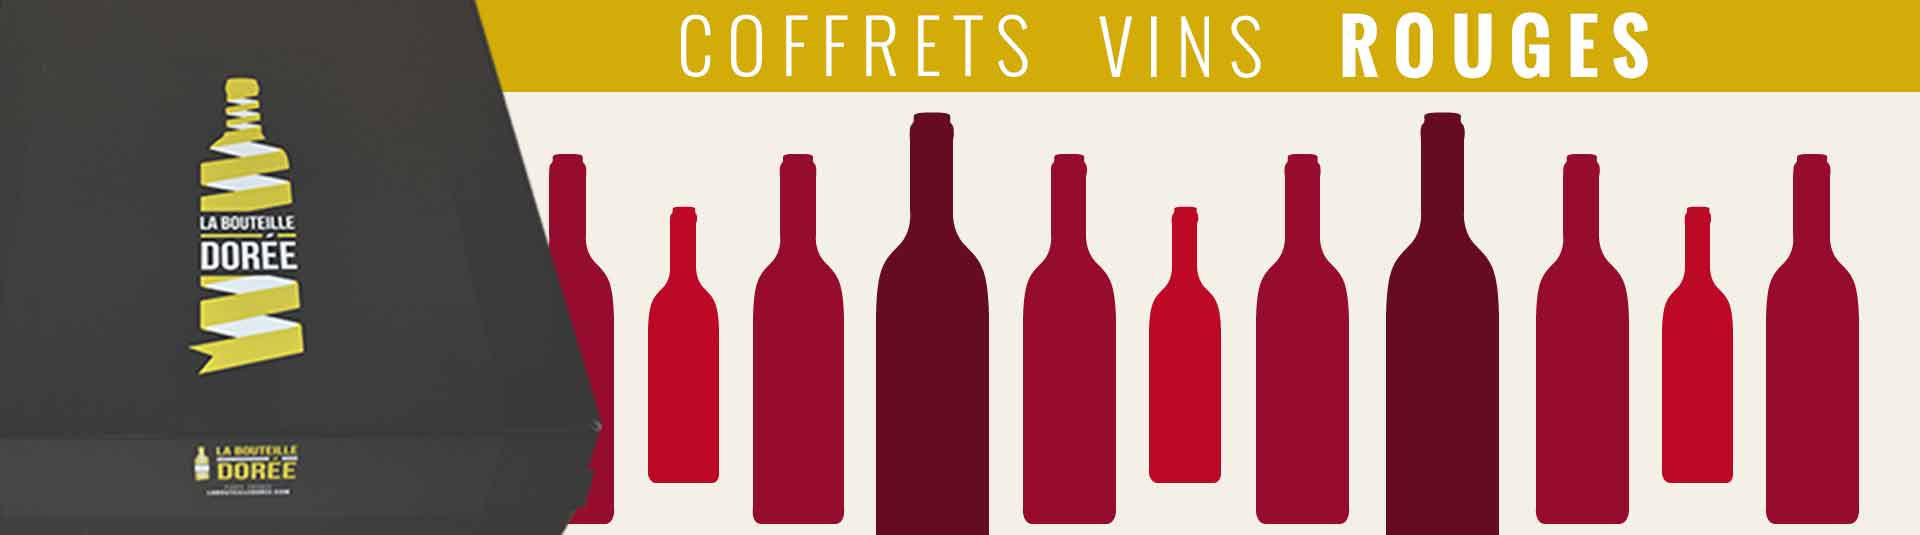 Box cadeau vins rouges